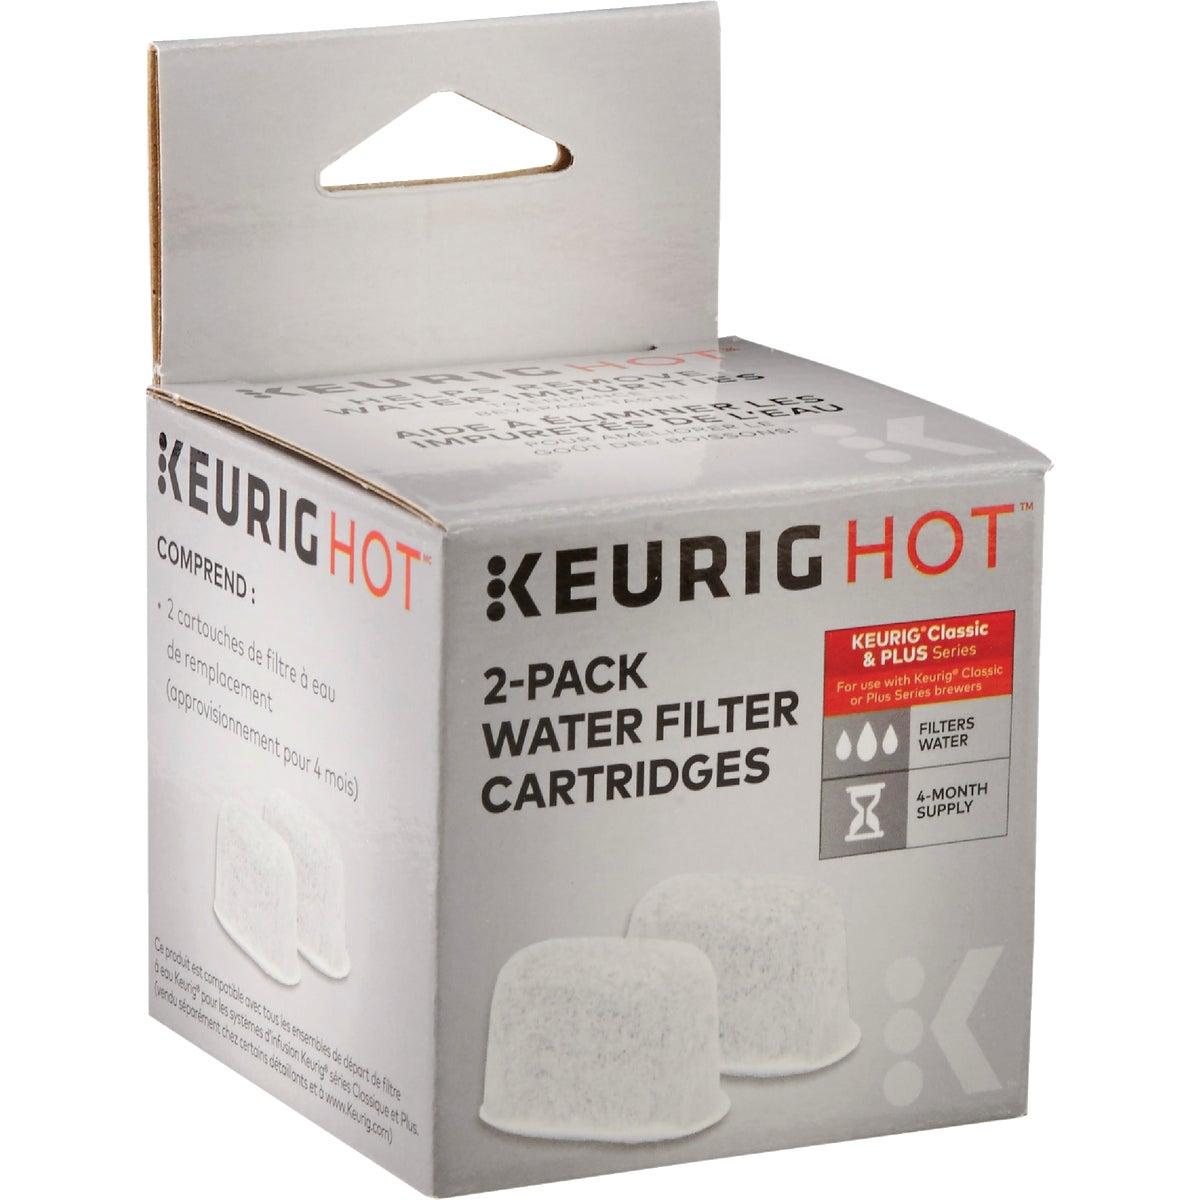 2 WATER FILTER CARTRIDGE - 5084 by Keurig     M Block